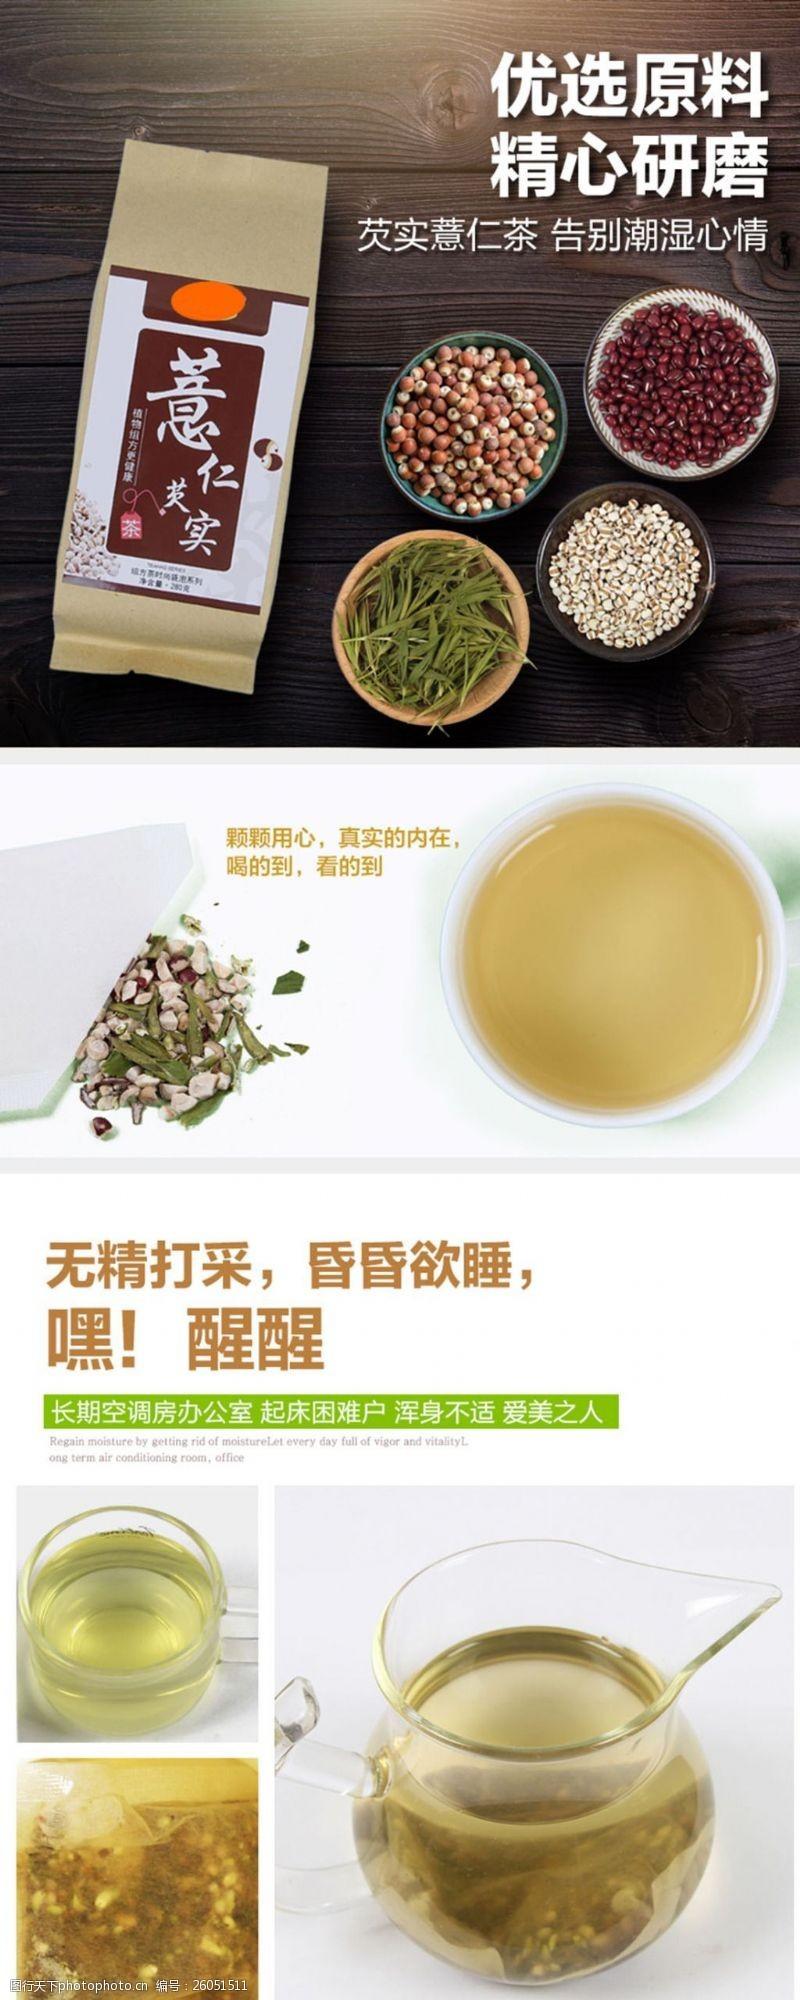 茶组合芡实薏米茶详情页